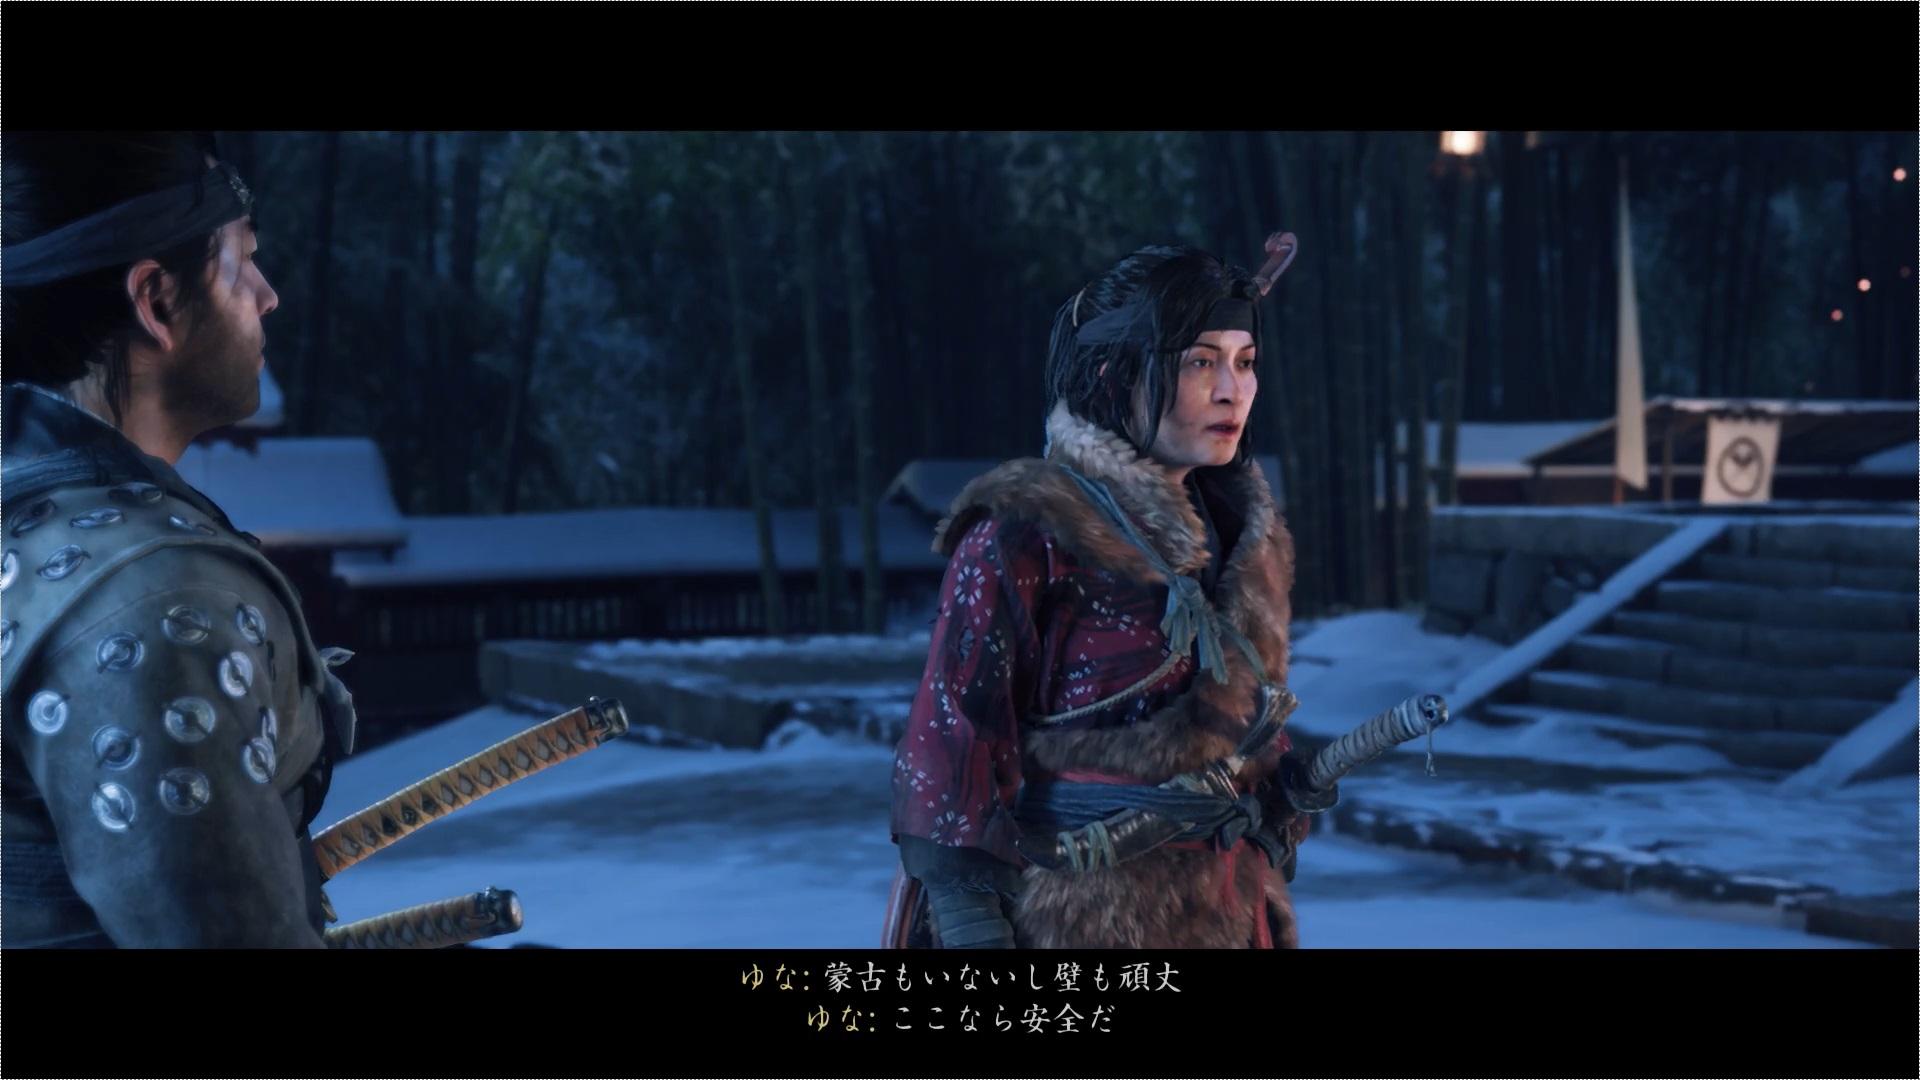 蒙古兵を全員倒した仁とゆな。ここを野営地とし、ハーンの砦を攻略する足掛かりとします。